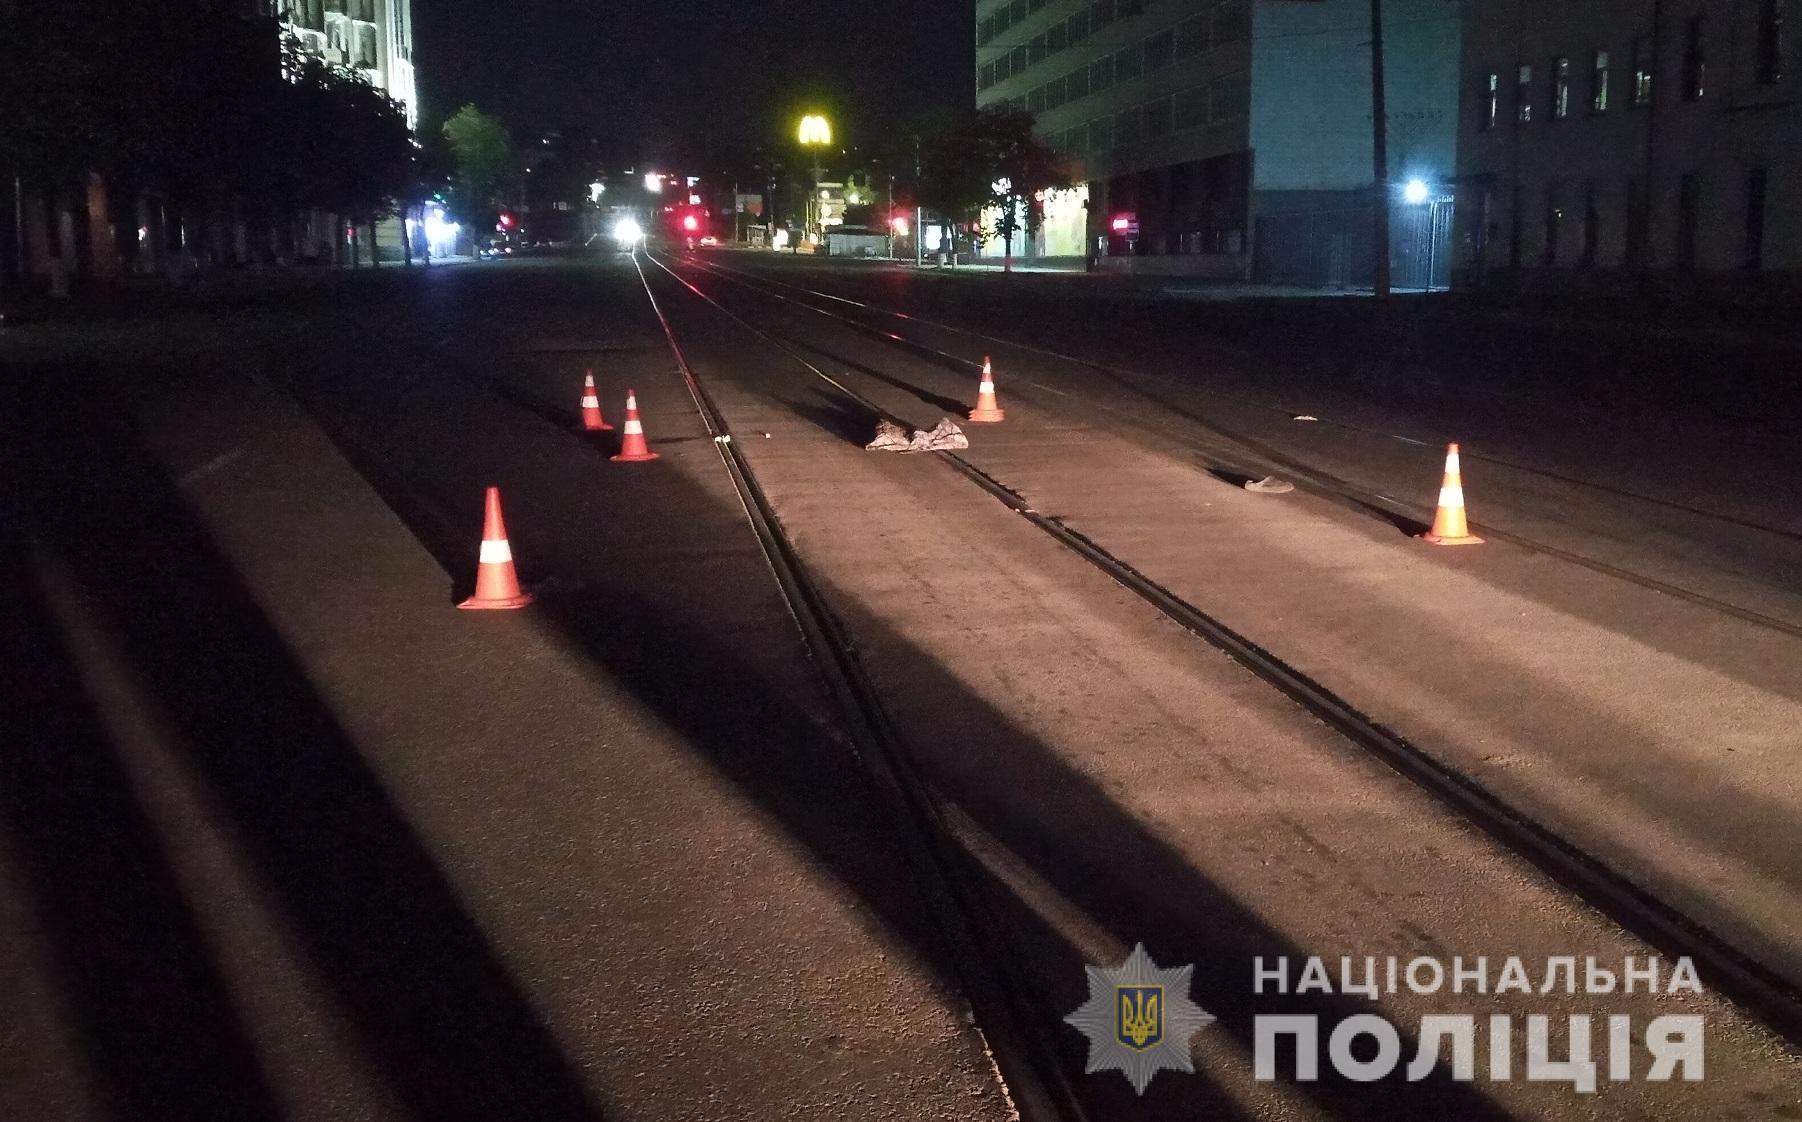 Полиция ищет свидетелей аварии на Полтавском Шляхе: неизвестный автомобиль сбил пешехода